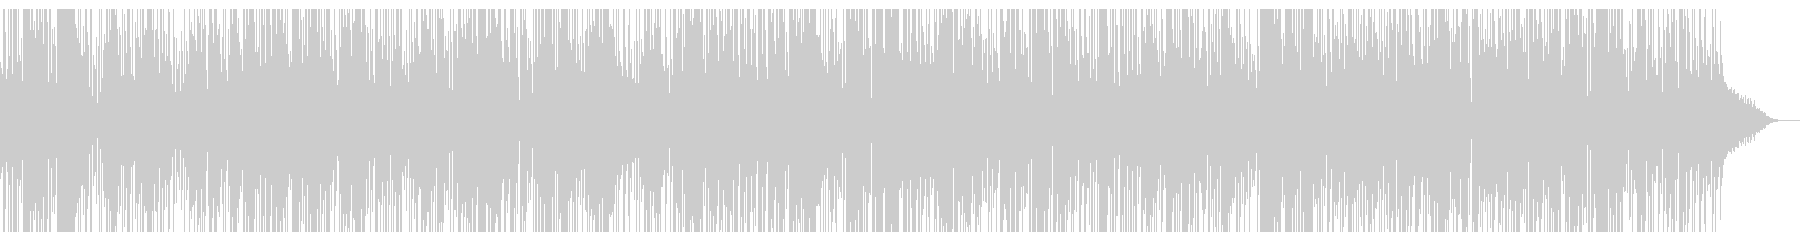 生演奏SAXファンキージャズ映像やBGMの未再生の波形